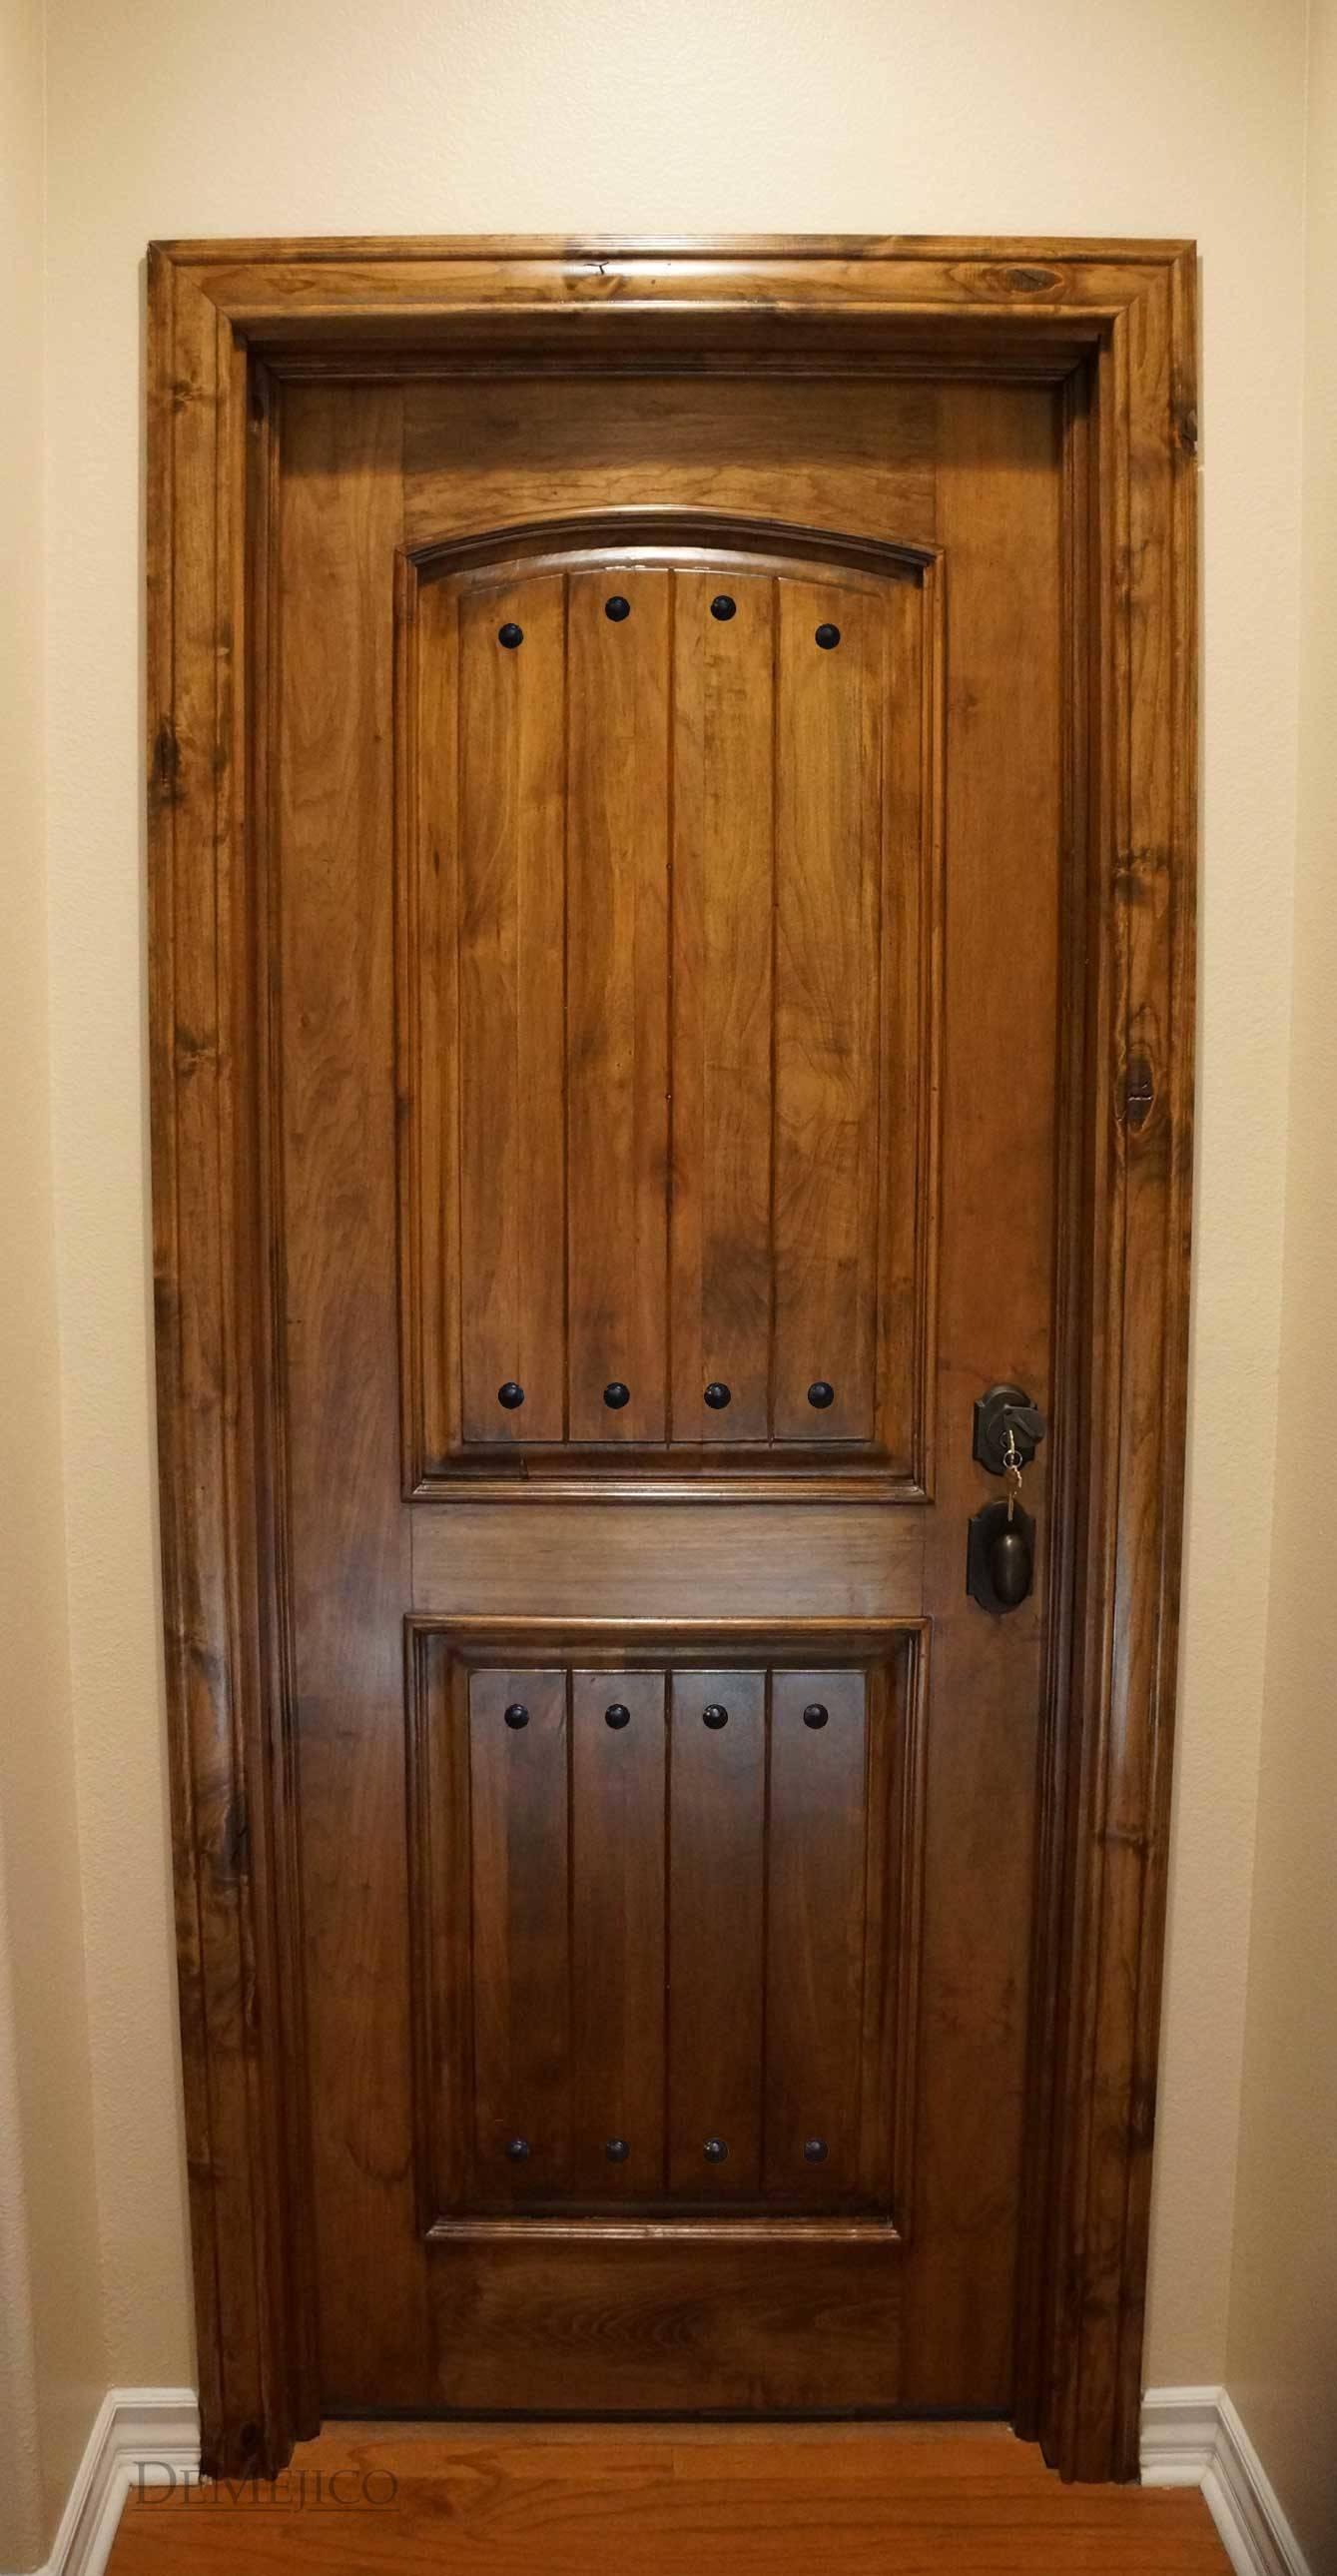 Rustic Door Hardware Handles Old World